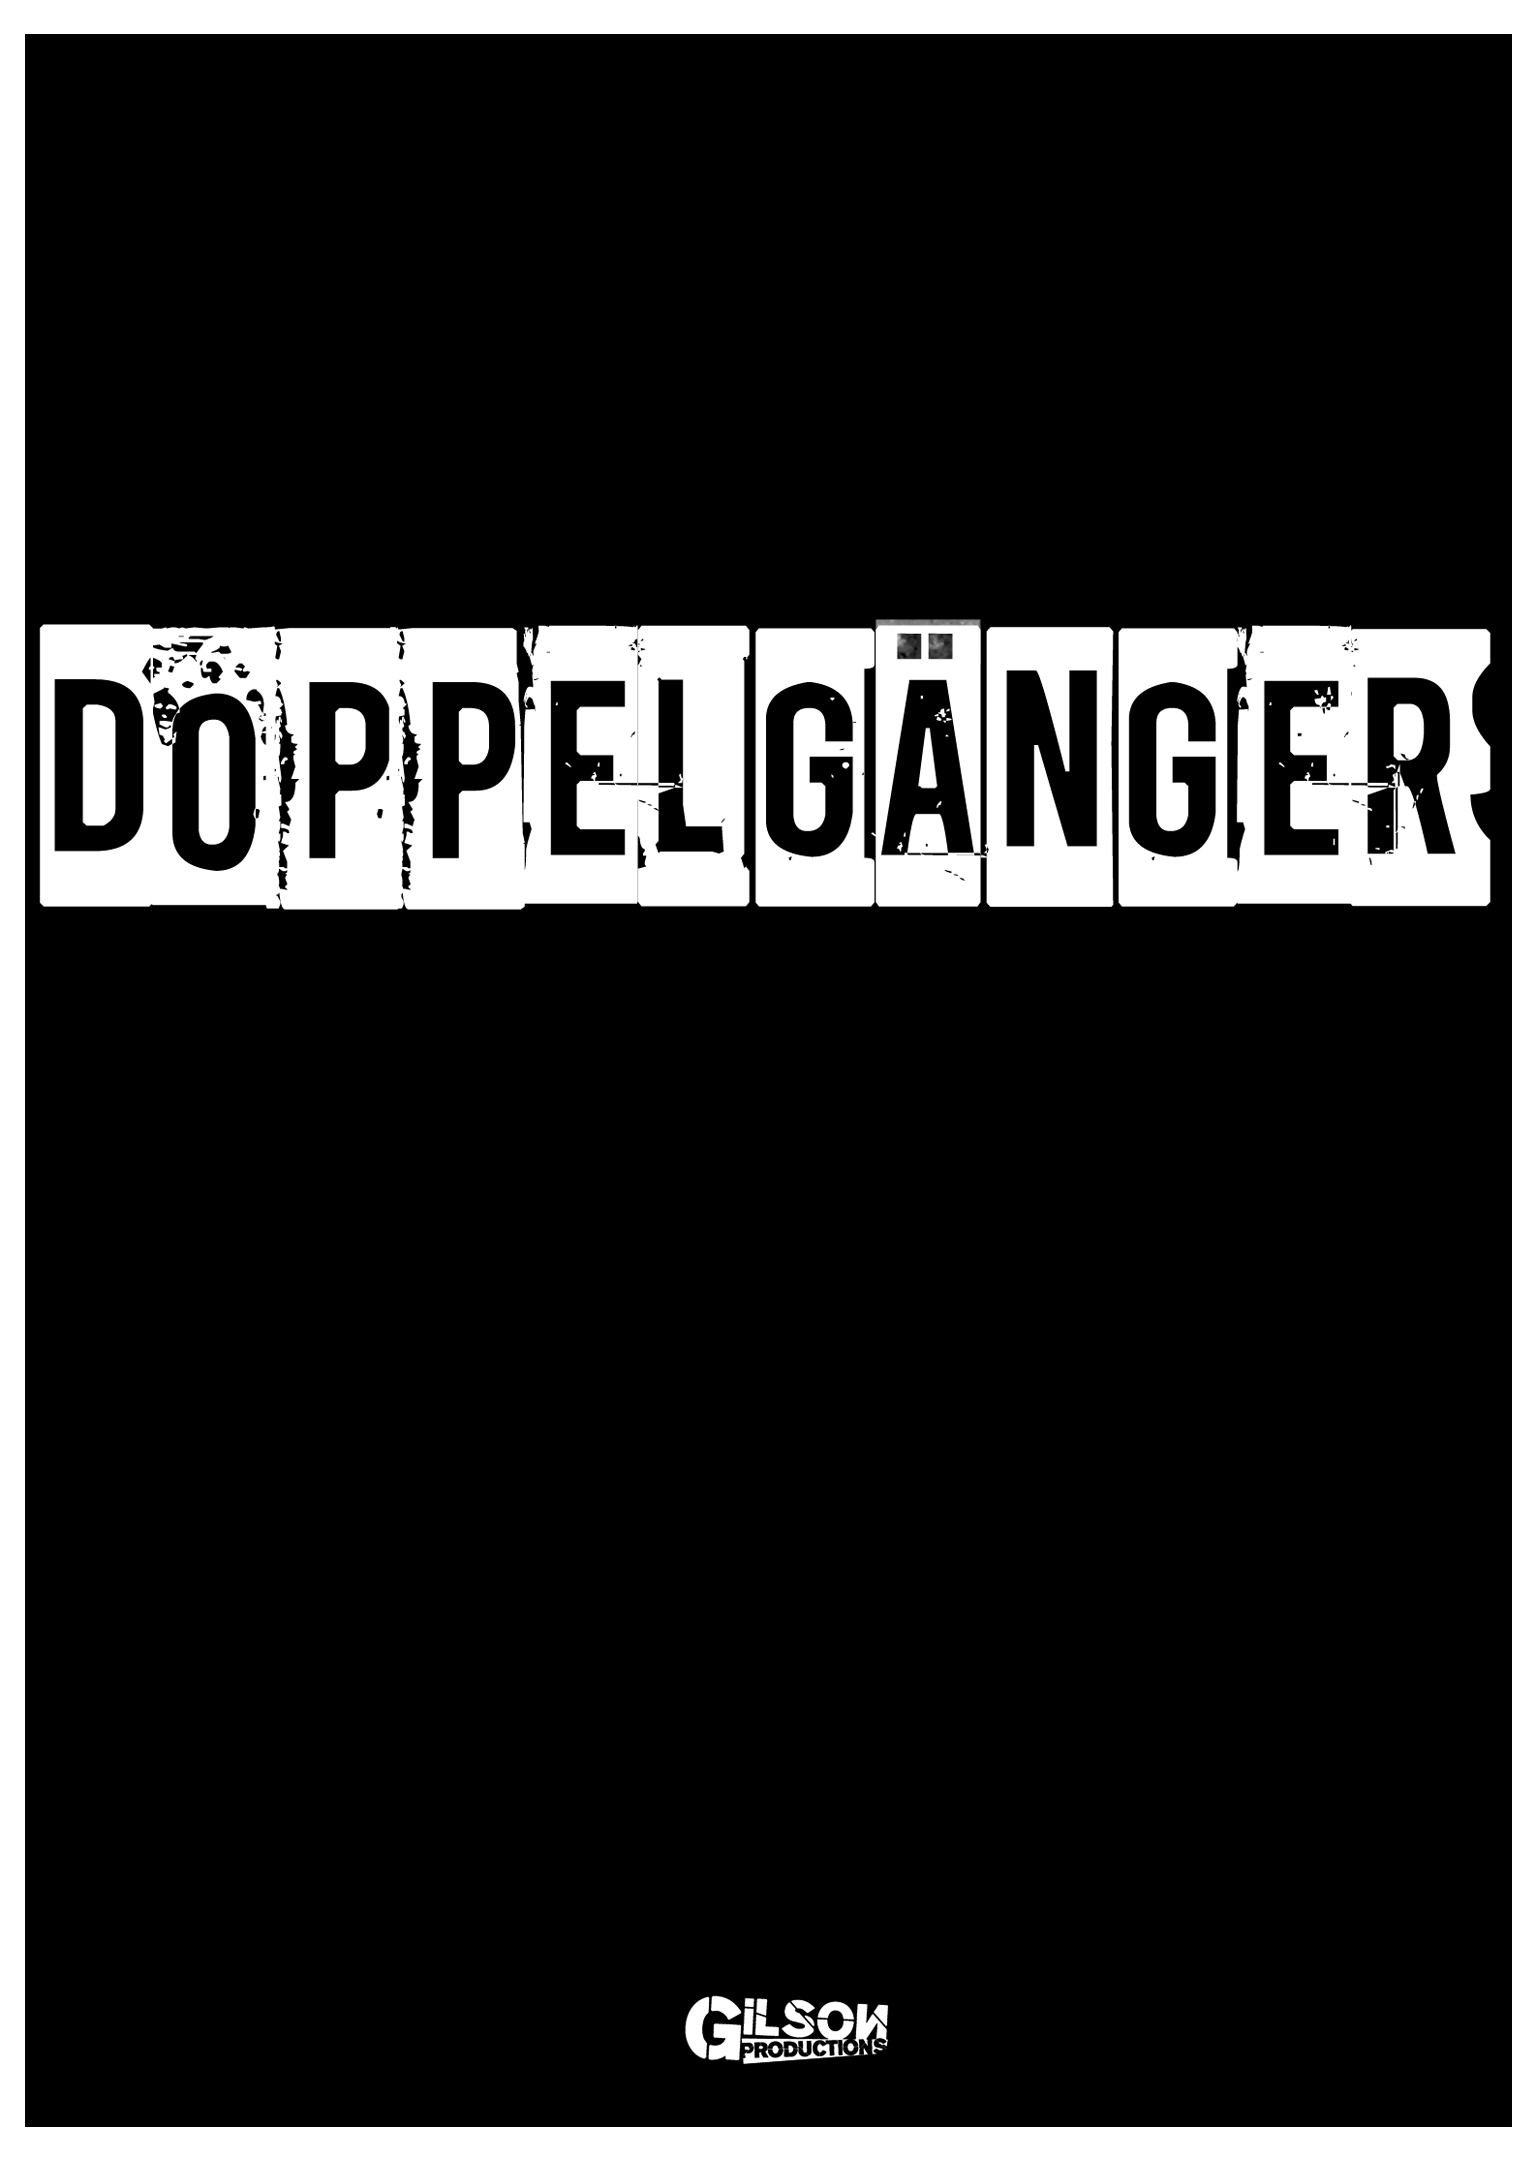 Doppleganger